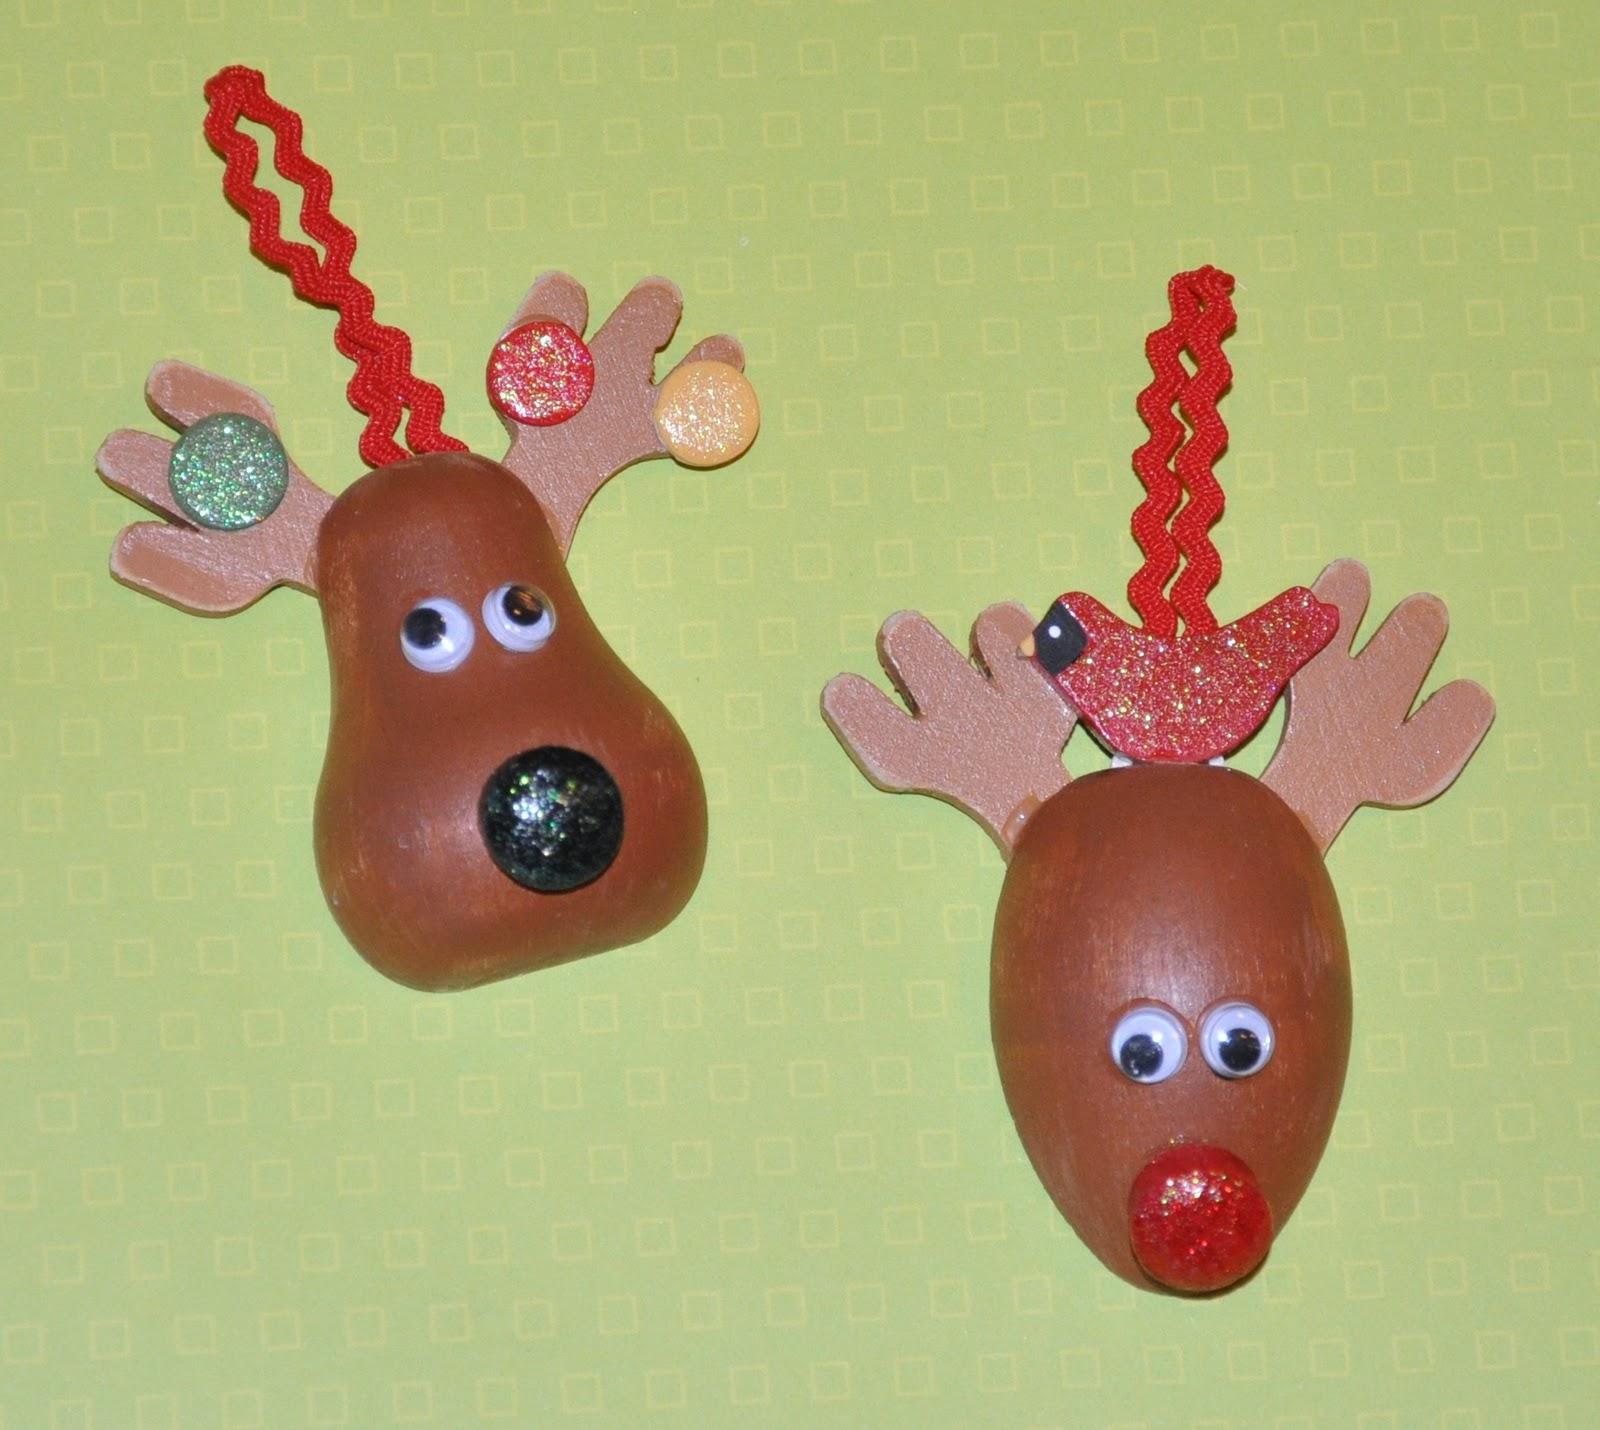 Megpie Designs: Christmas Reindeer Ornaments